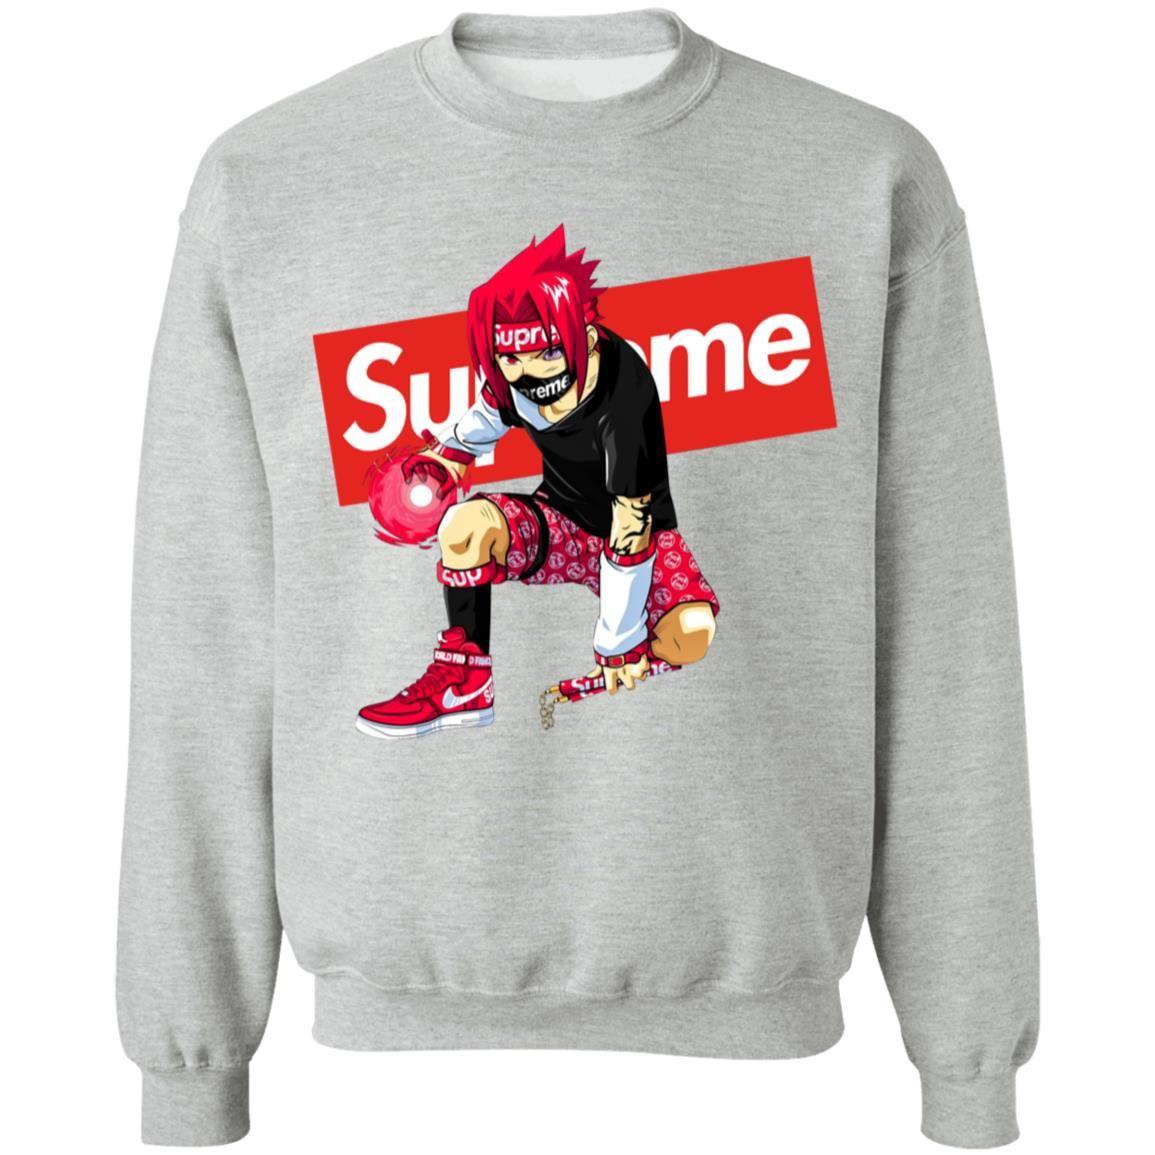 Supreme Sakuke Pullover Sweatshirt The Geek Gifts Sweatshirts Pullover Sweatshirt Shirts [ 1155 x 1155 Pixel ]